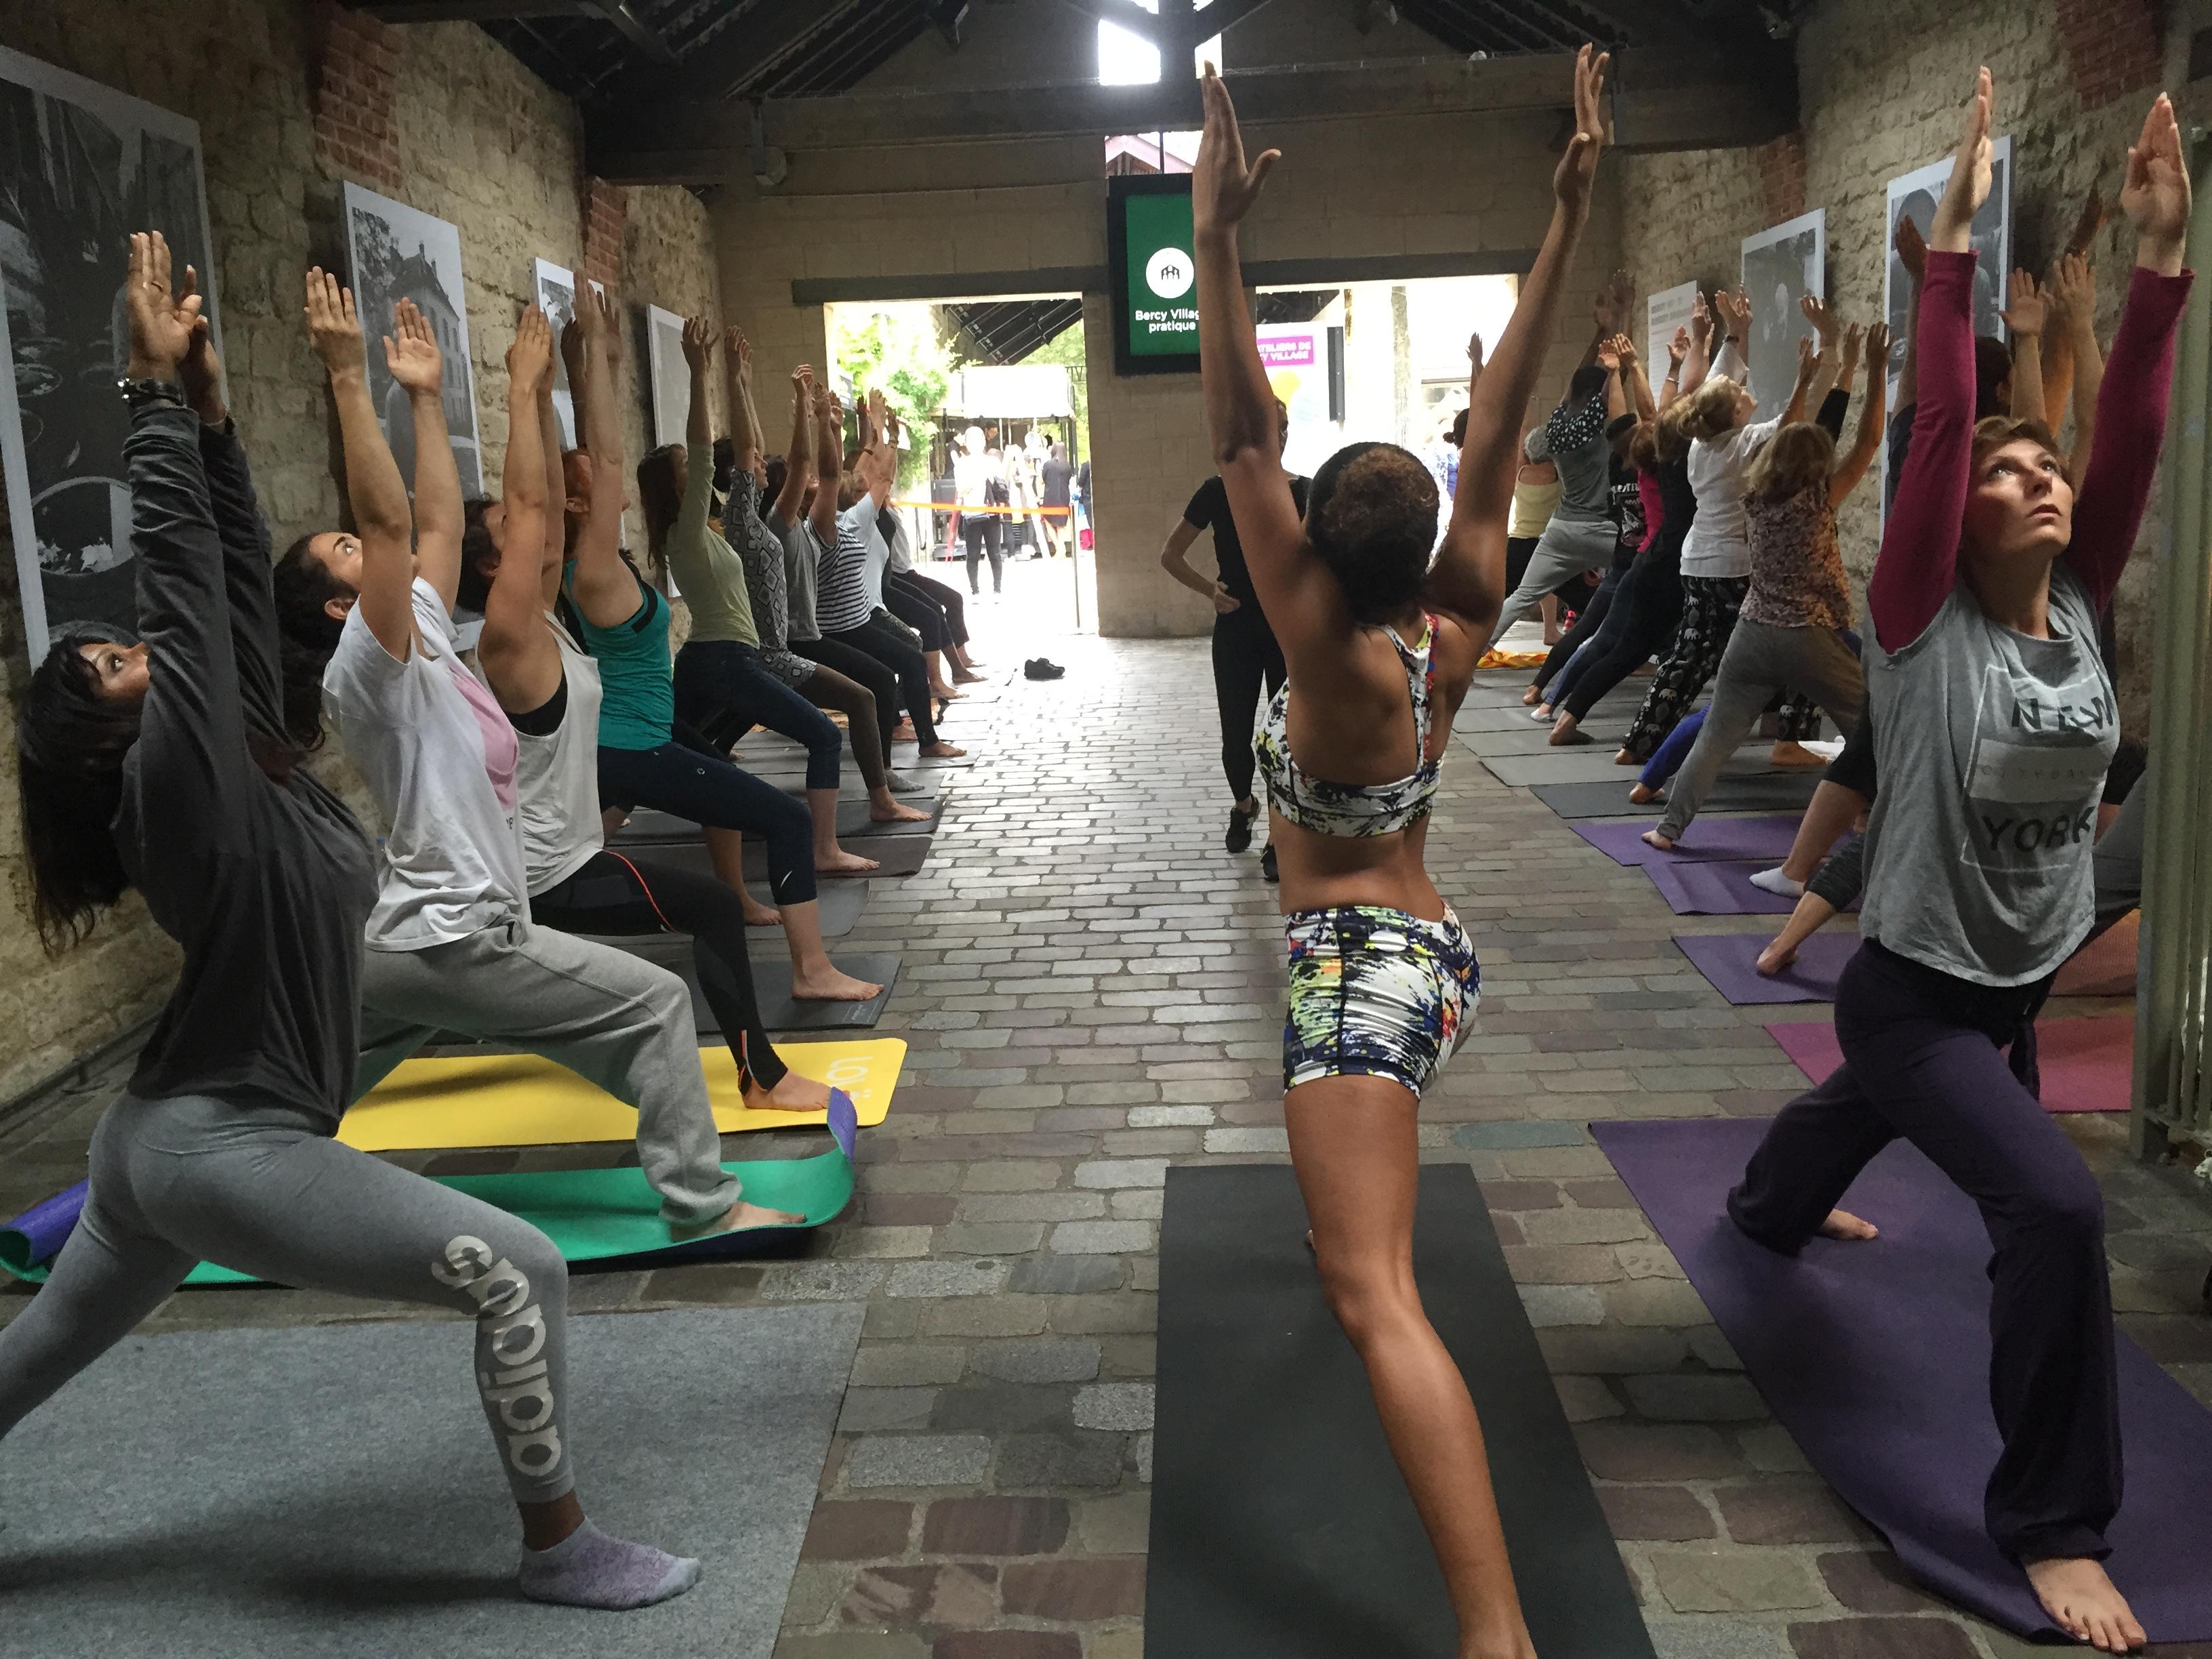 Pratiquants de yoga en extérieur